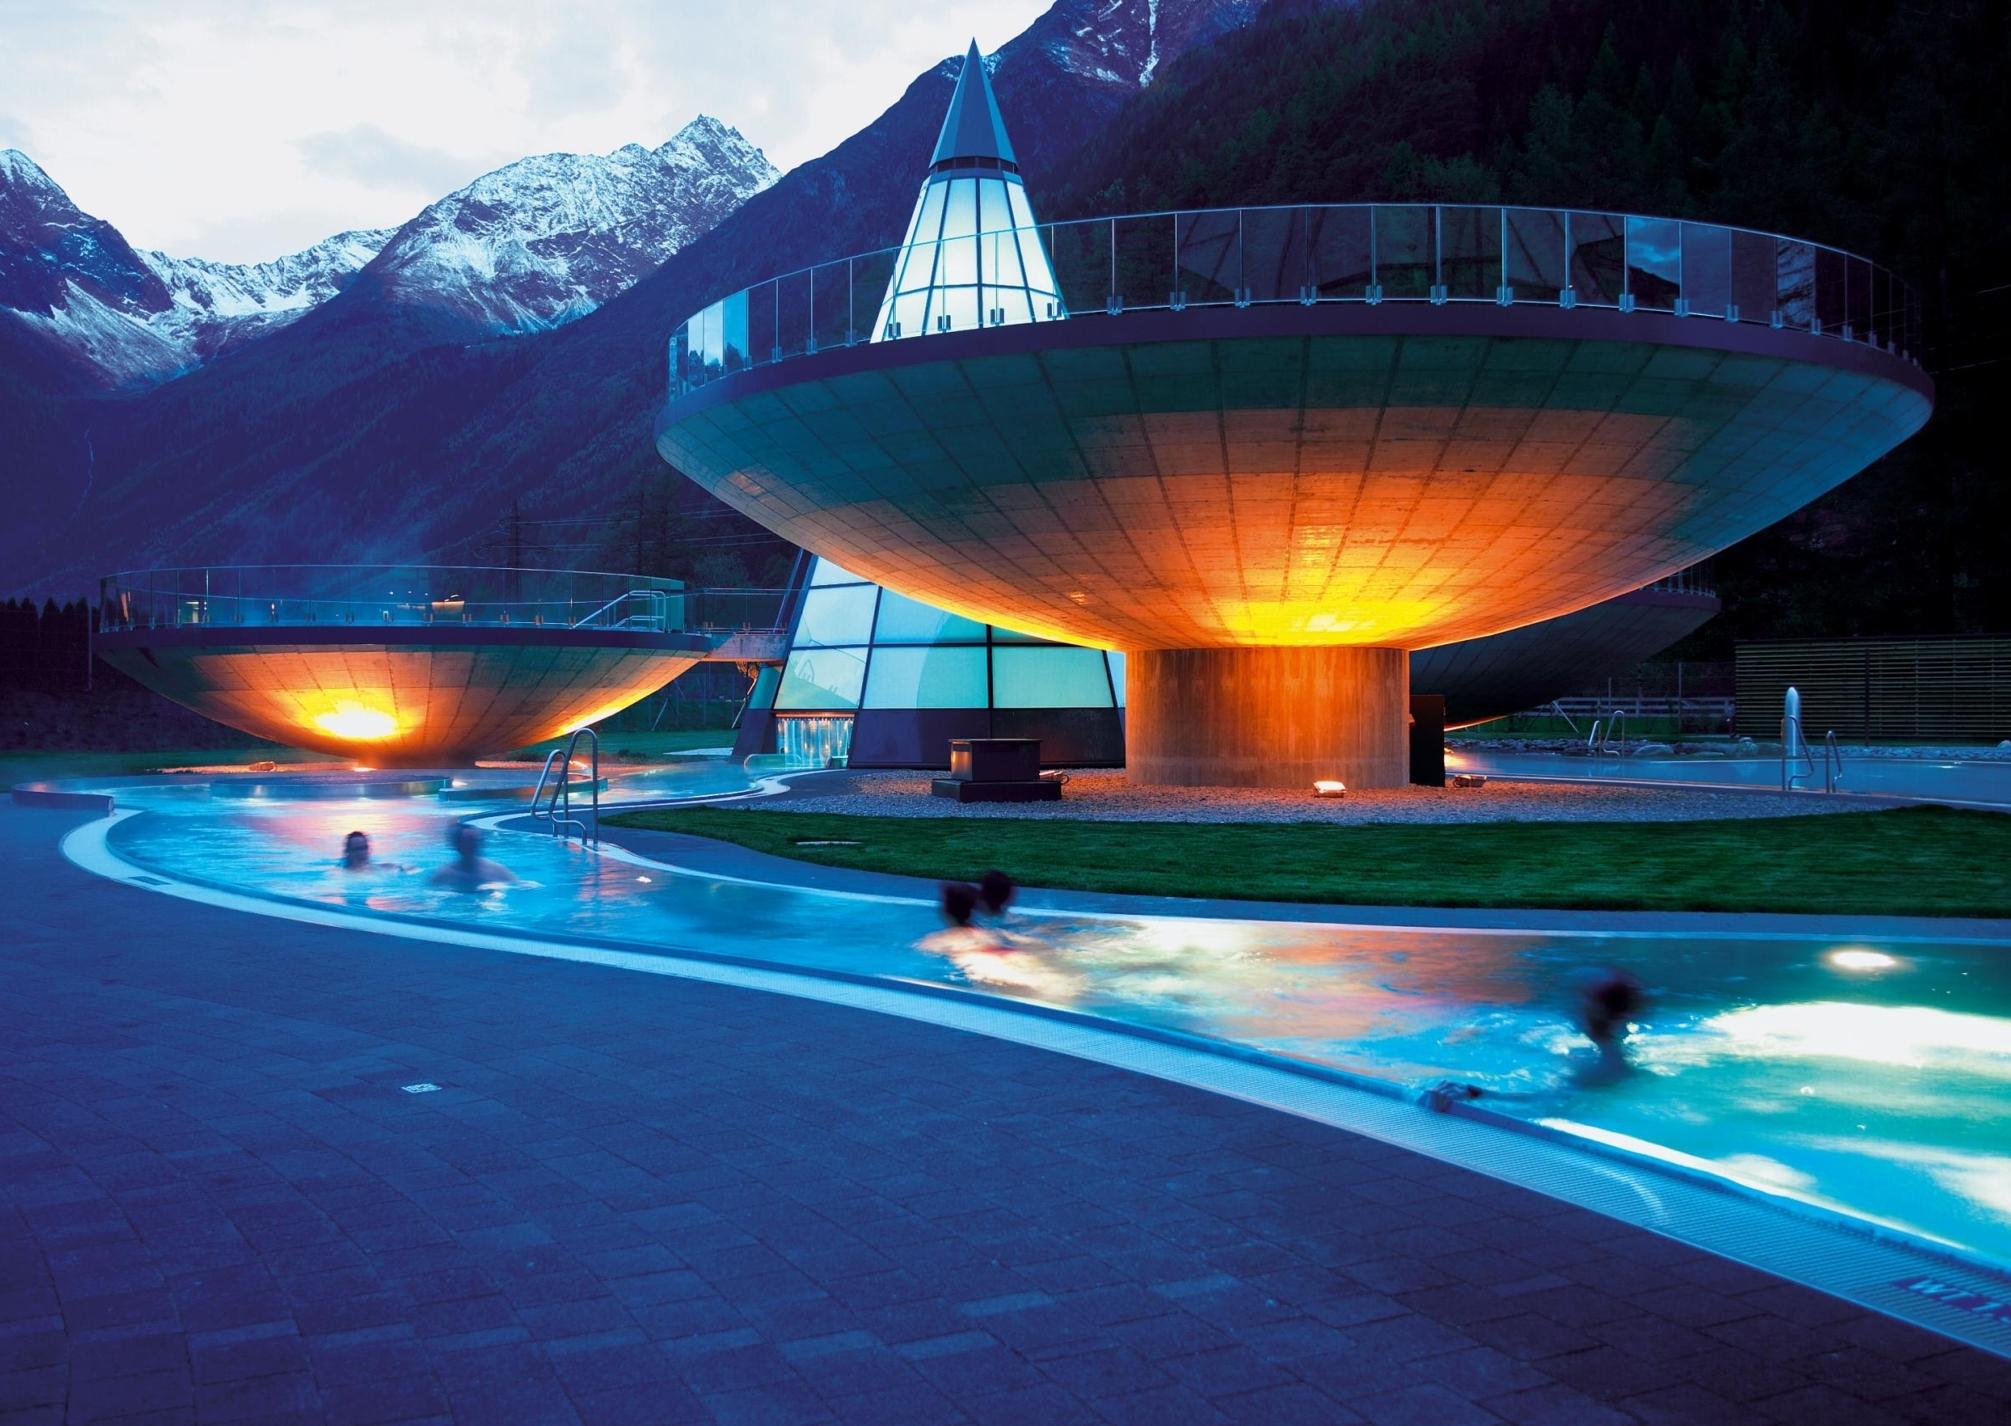 Aqua Dome_Aussenbecken am Abend.jpg